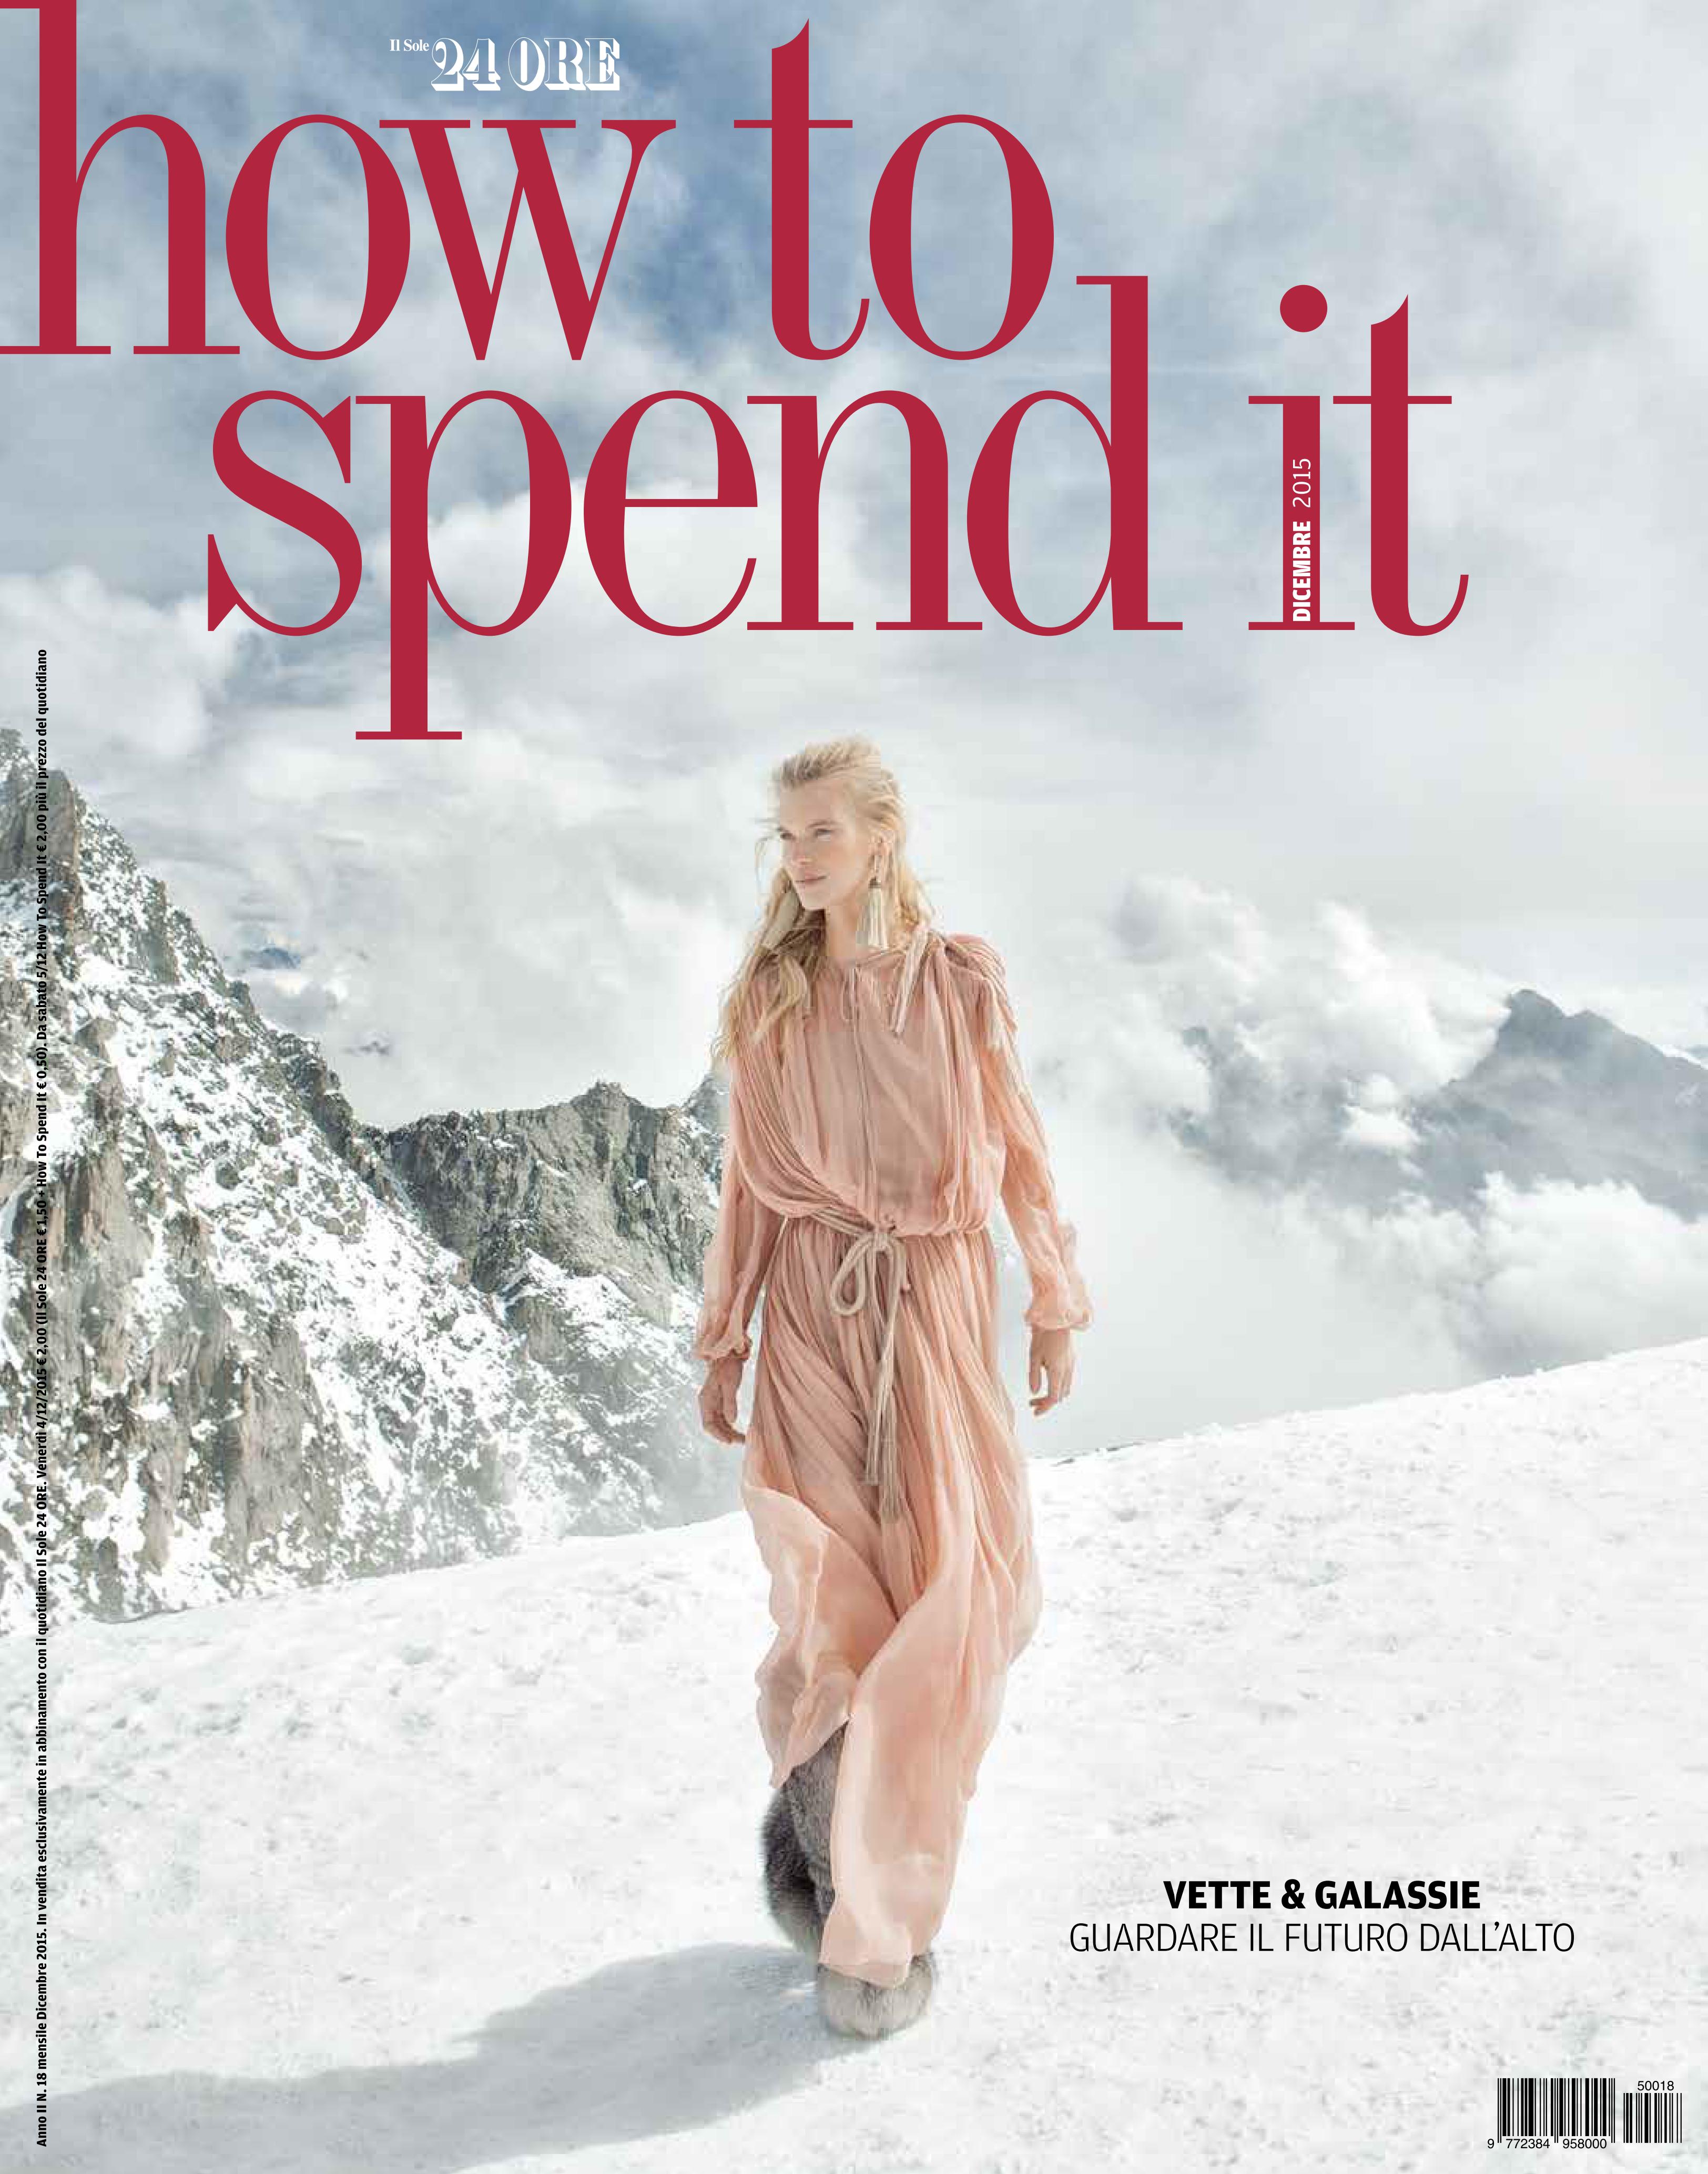 How to Spend it – Il Sole 24 Ore, dicembre 2015